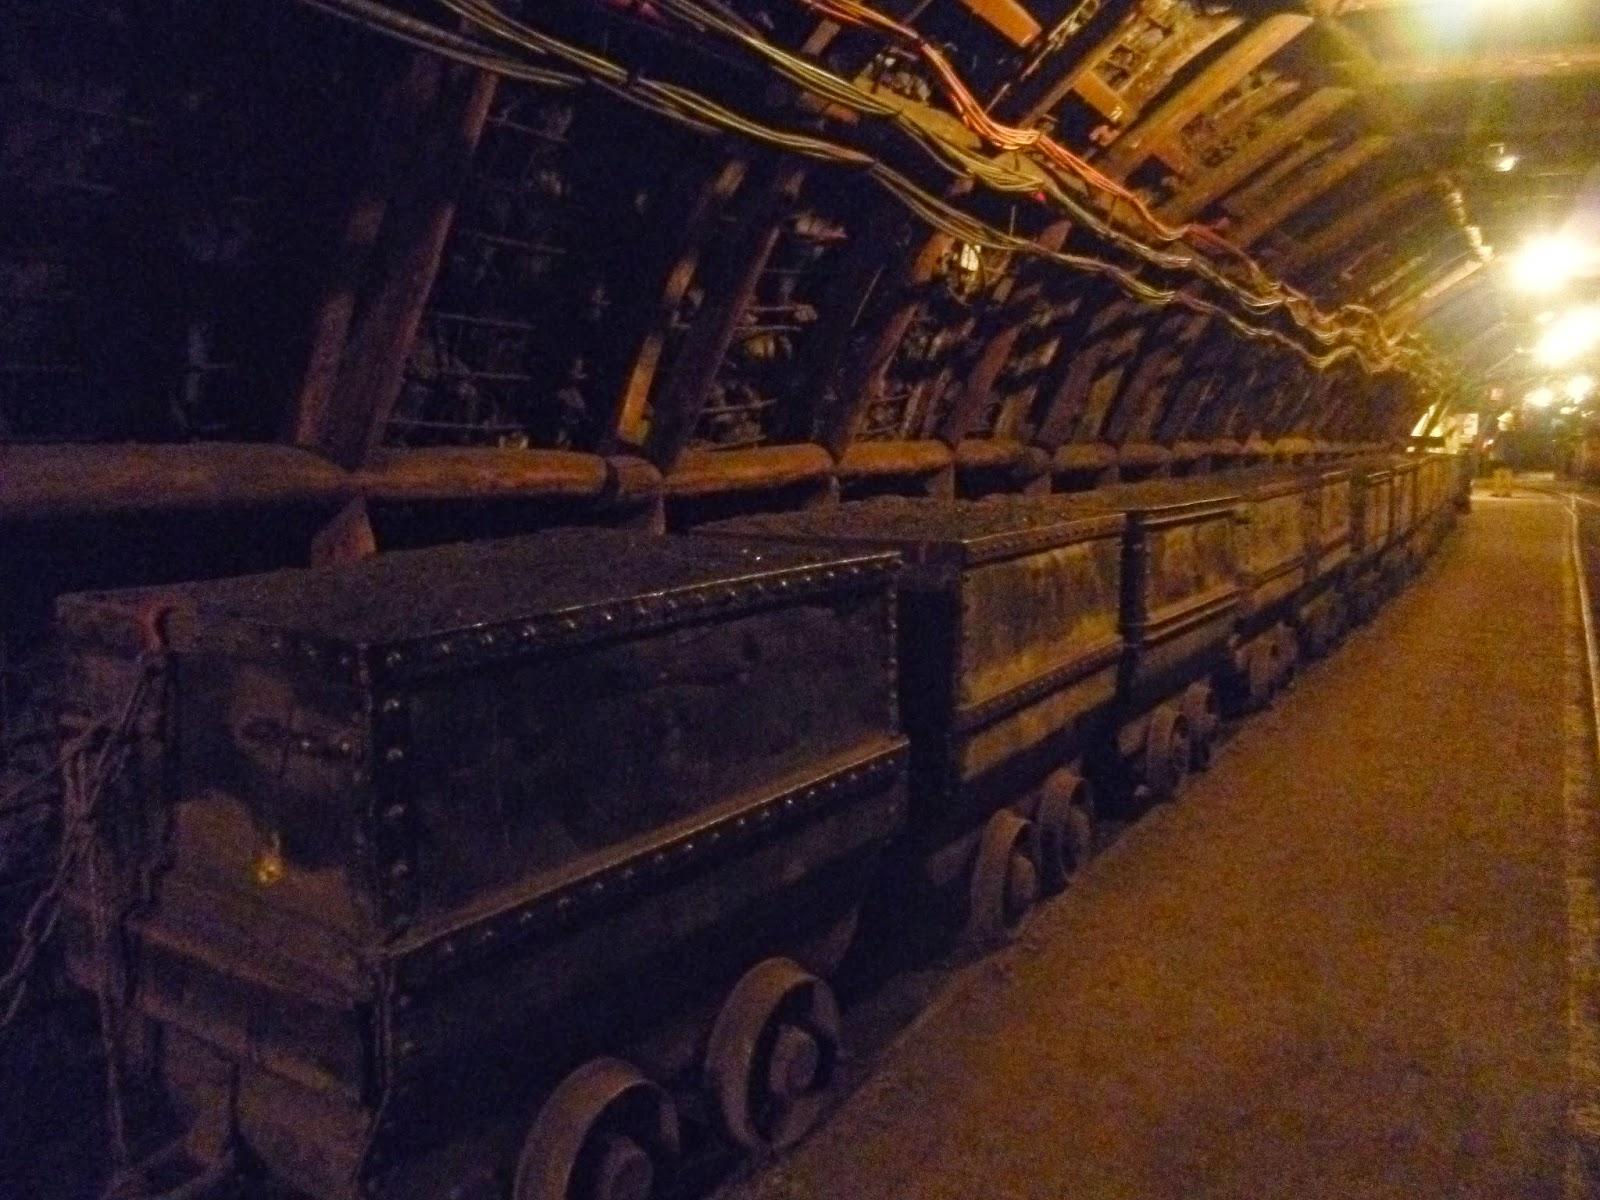 http://graindesab.blogspot.fr/2014/12/noir-comme-du-charbon.html